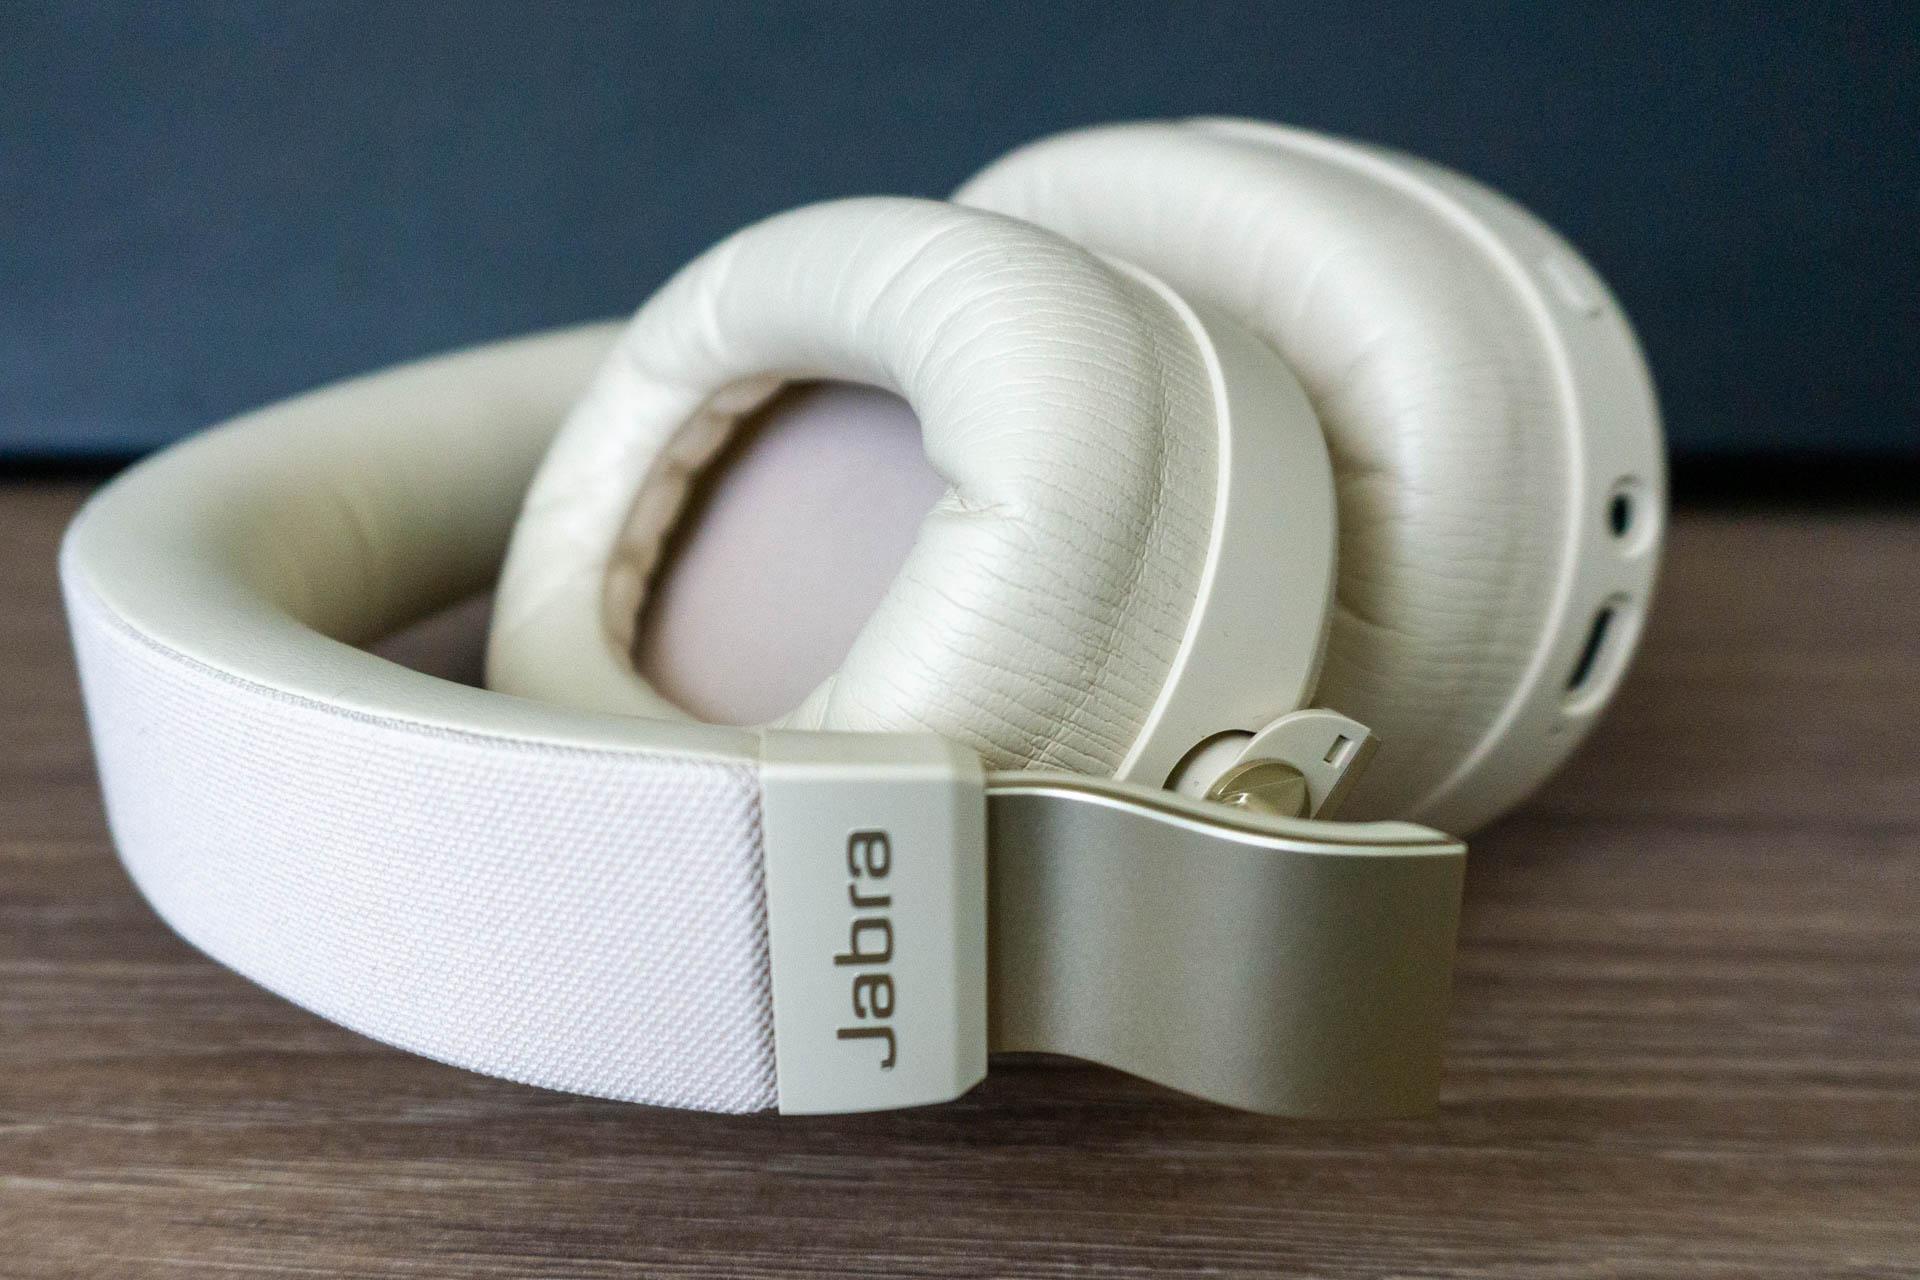 Słuchawki Jabra Elite 85h - tylko dla biznesmenów? (recenzja) 20